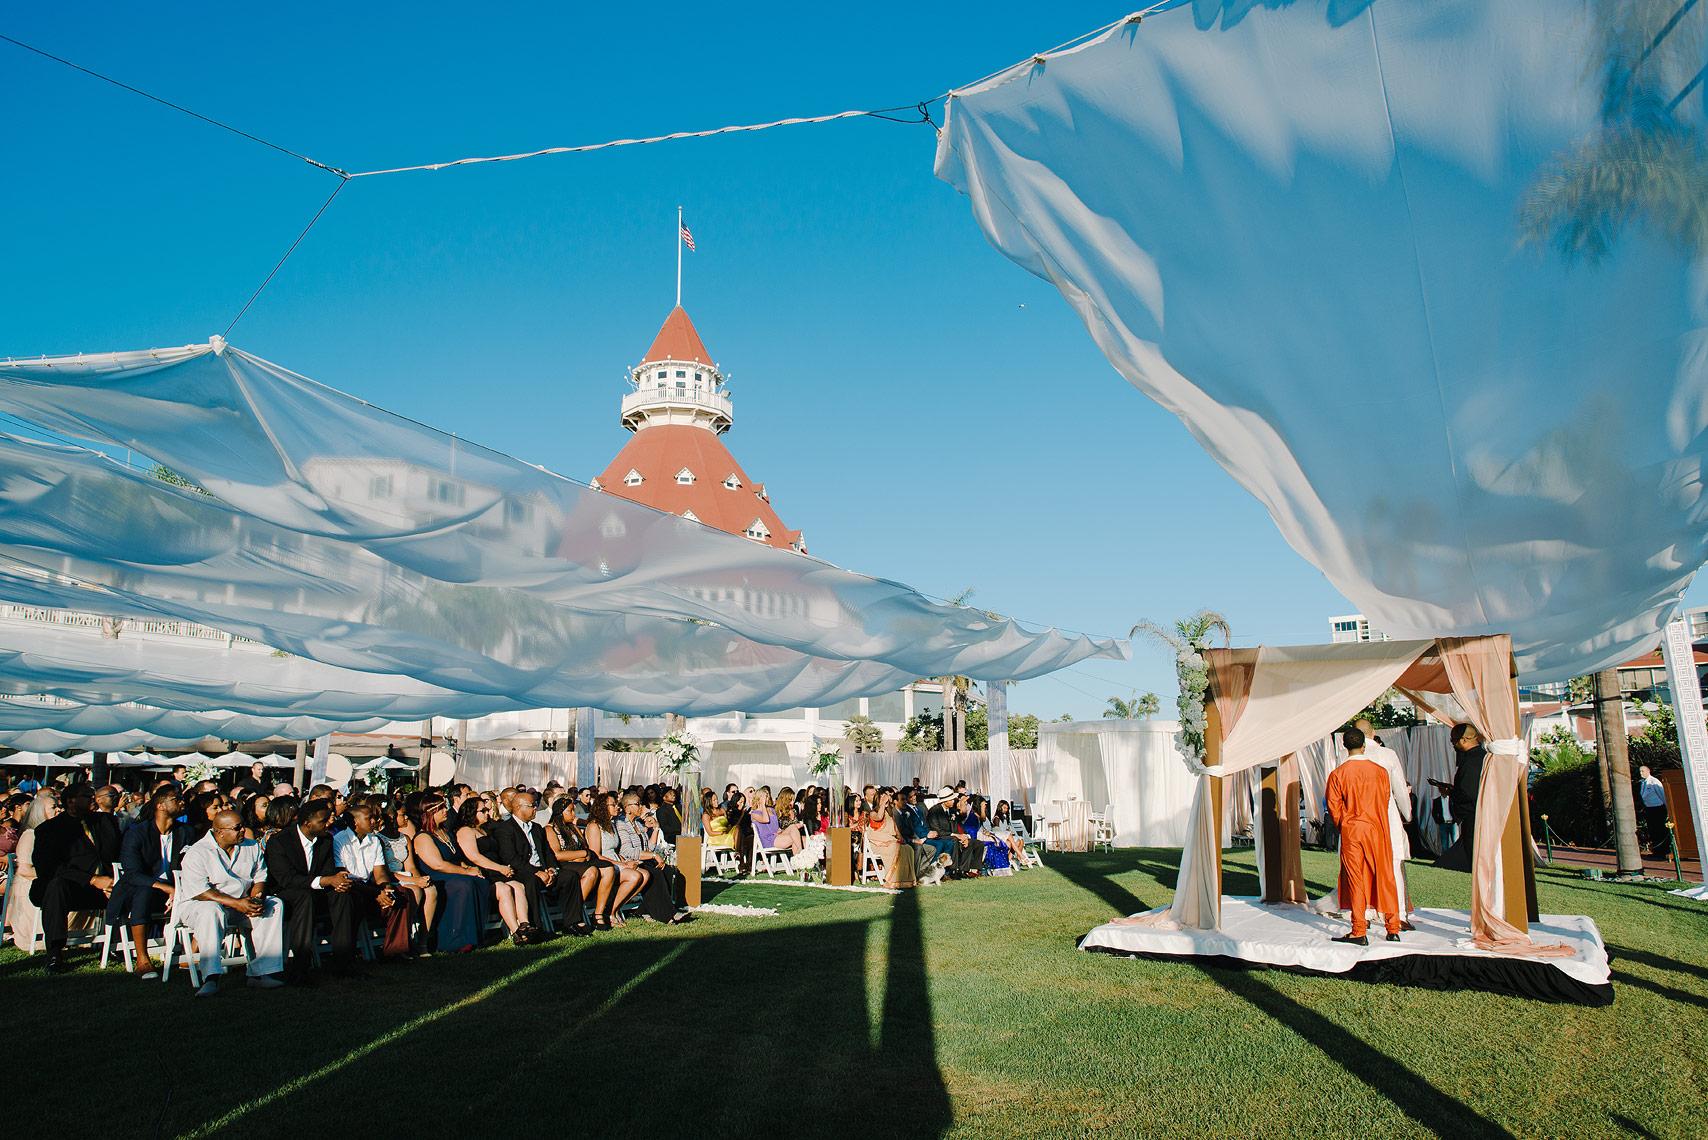 12-hotel-del-coronado-celebrity-wedding.jpg